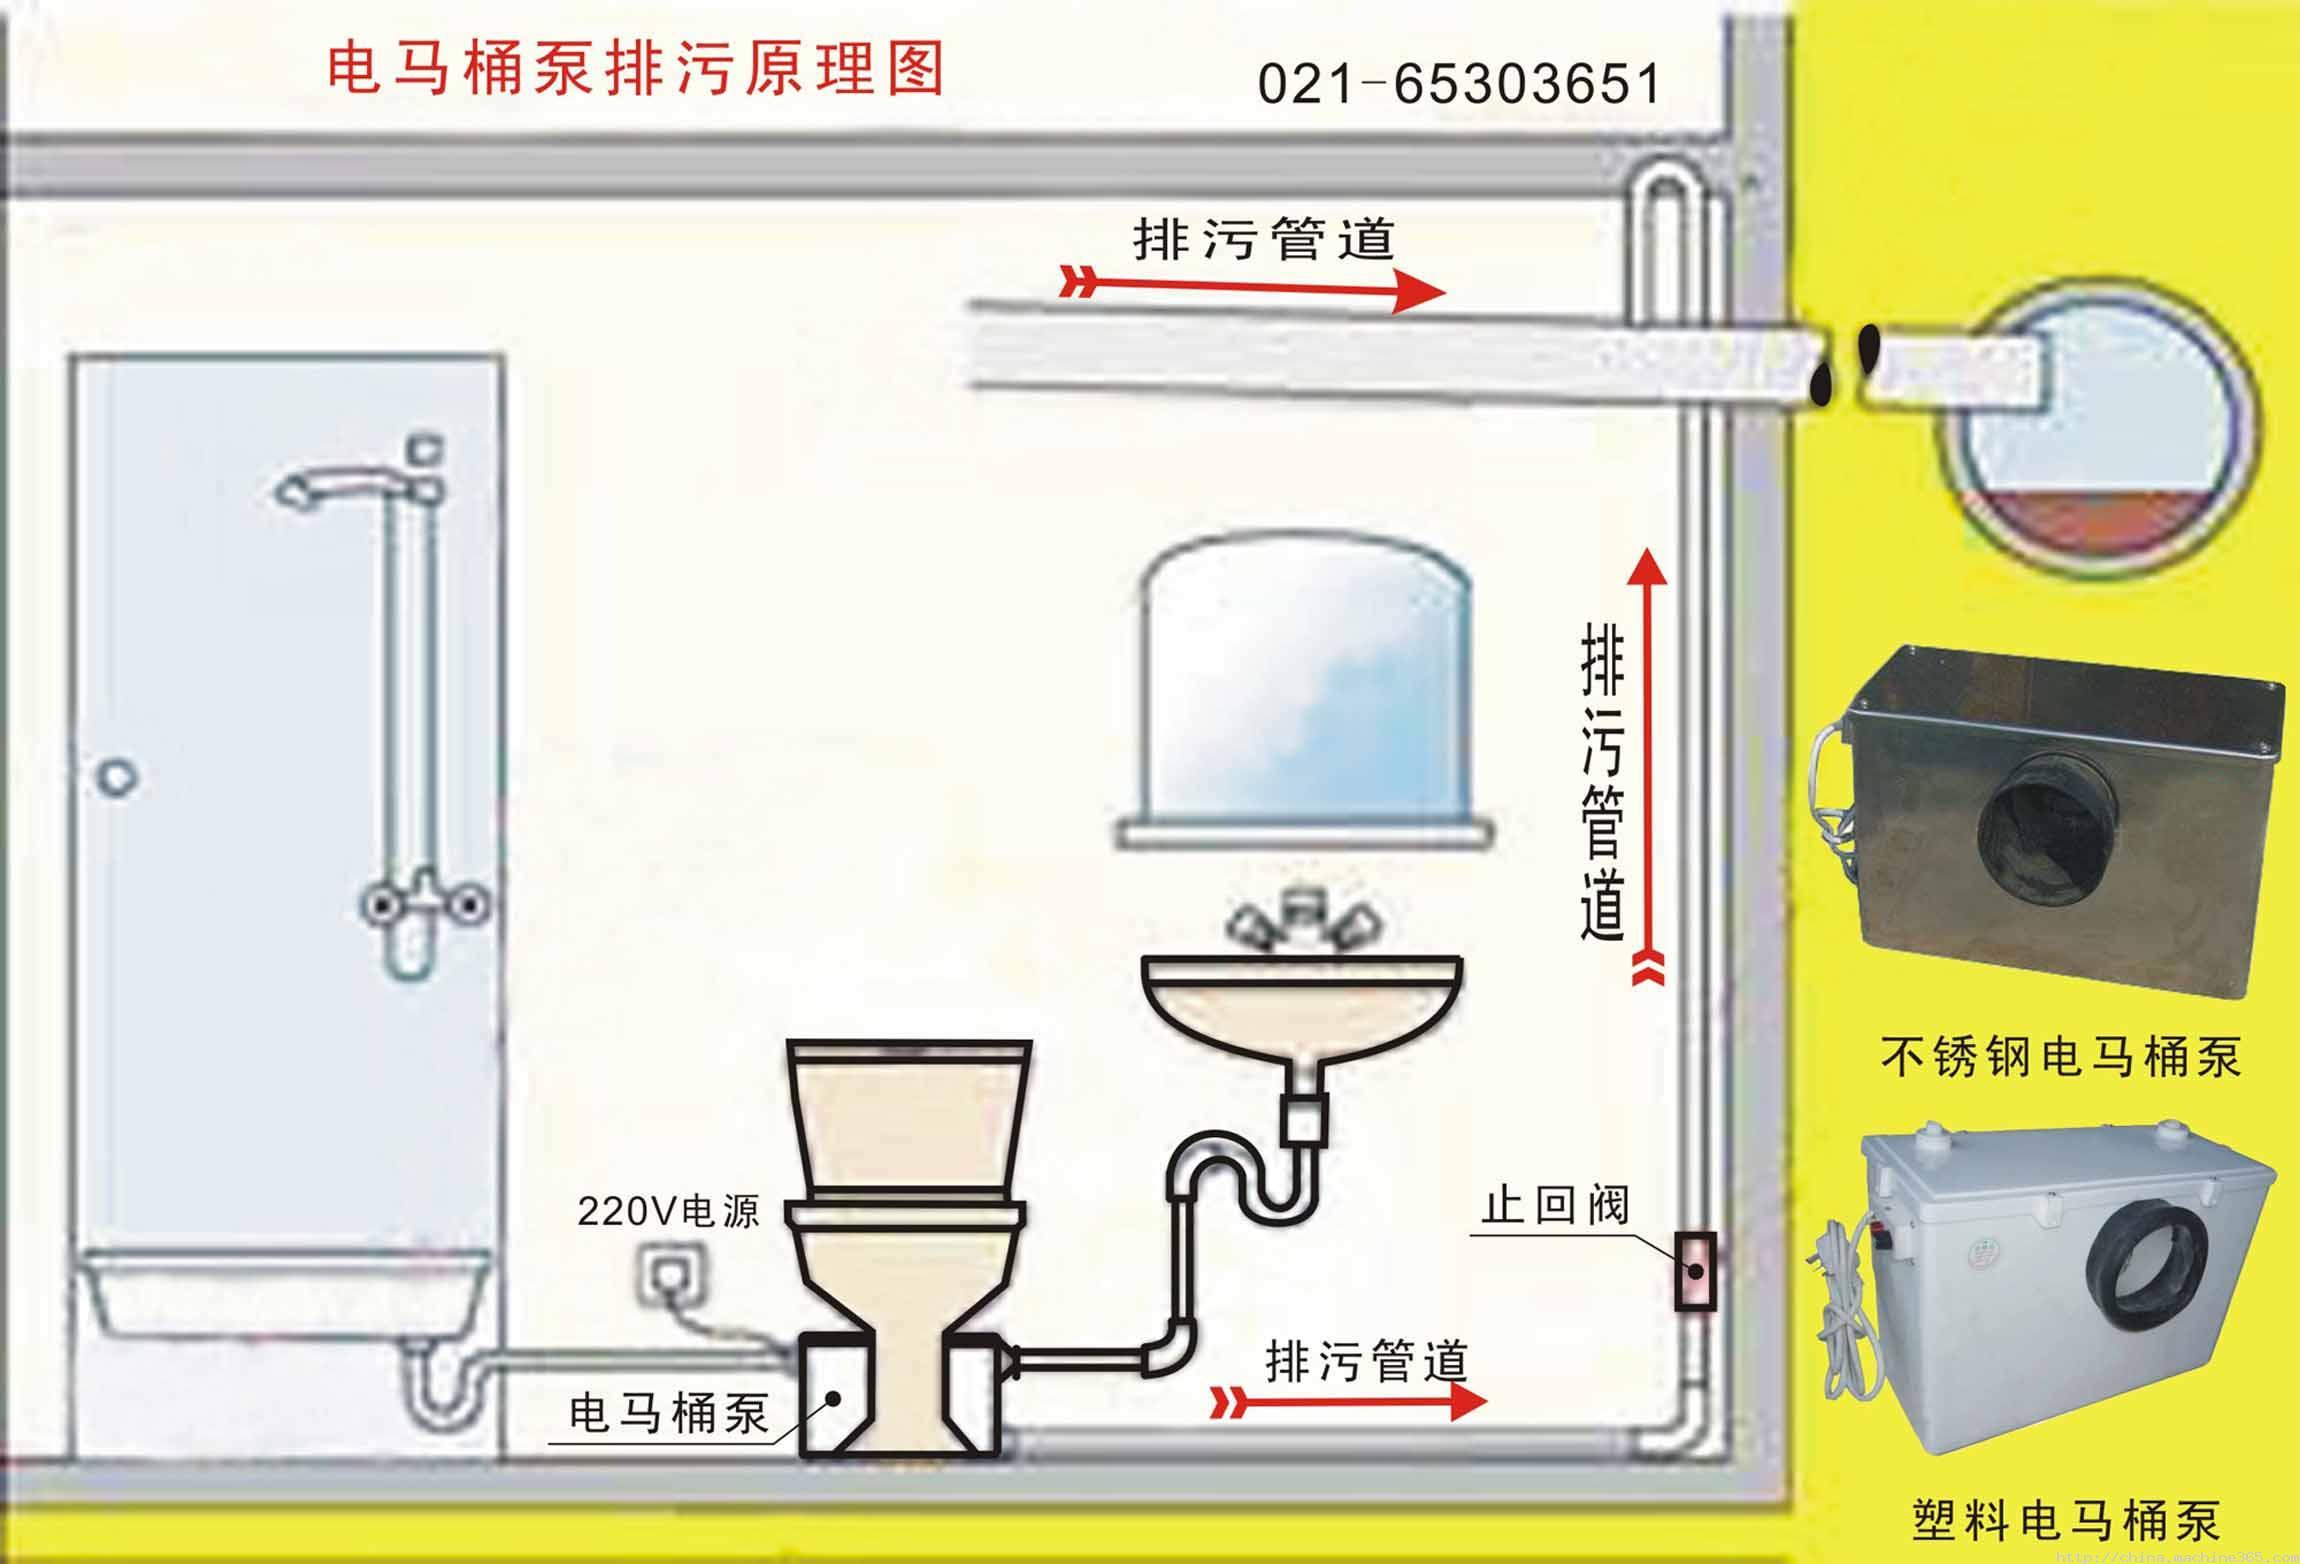 地下室排污泵/化粪器电动抽水马桶